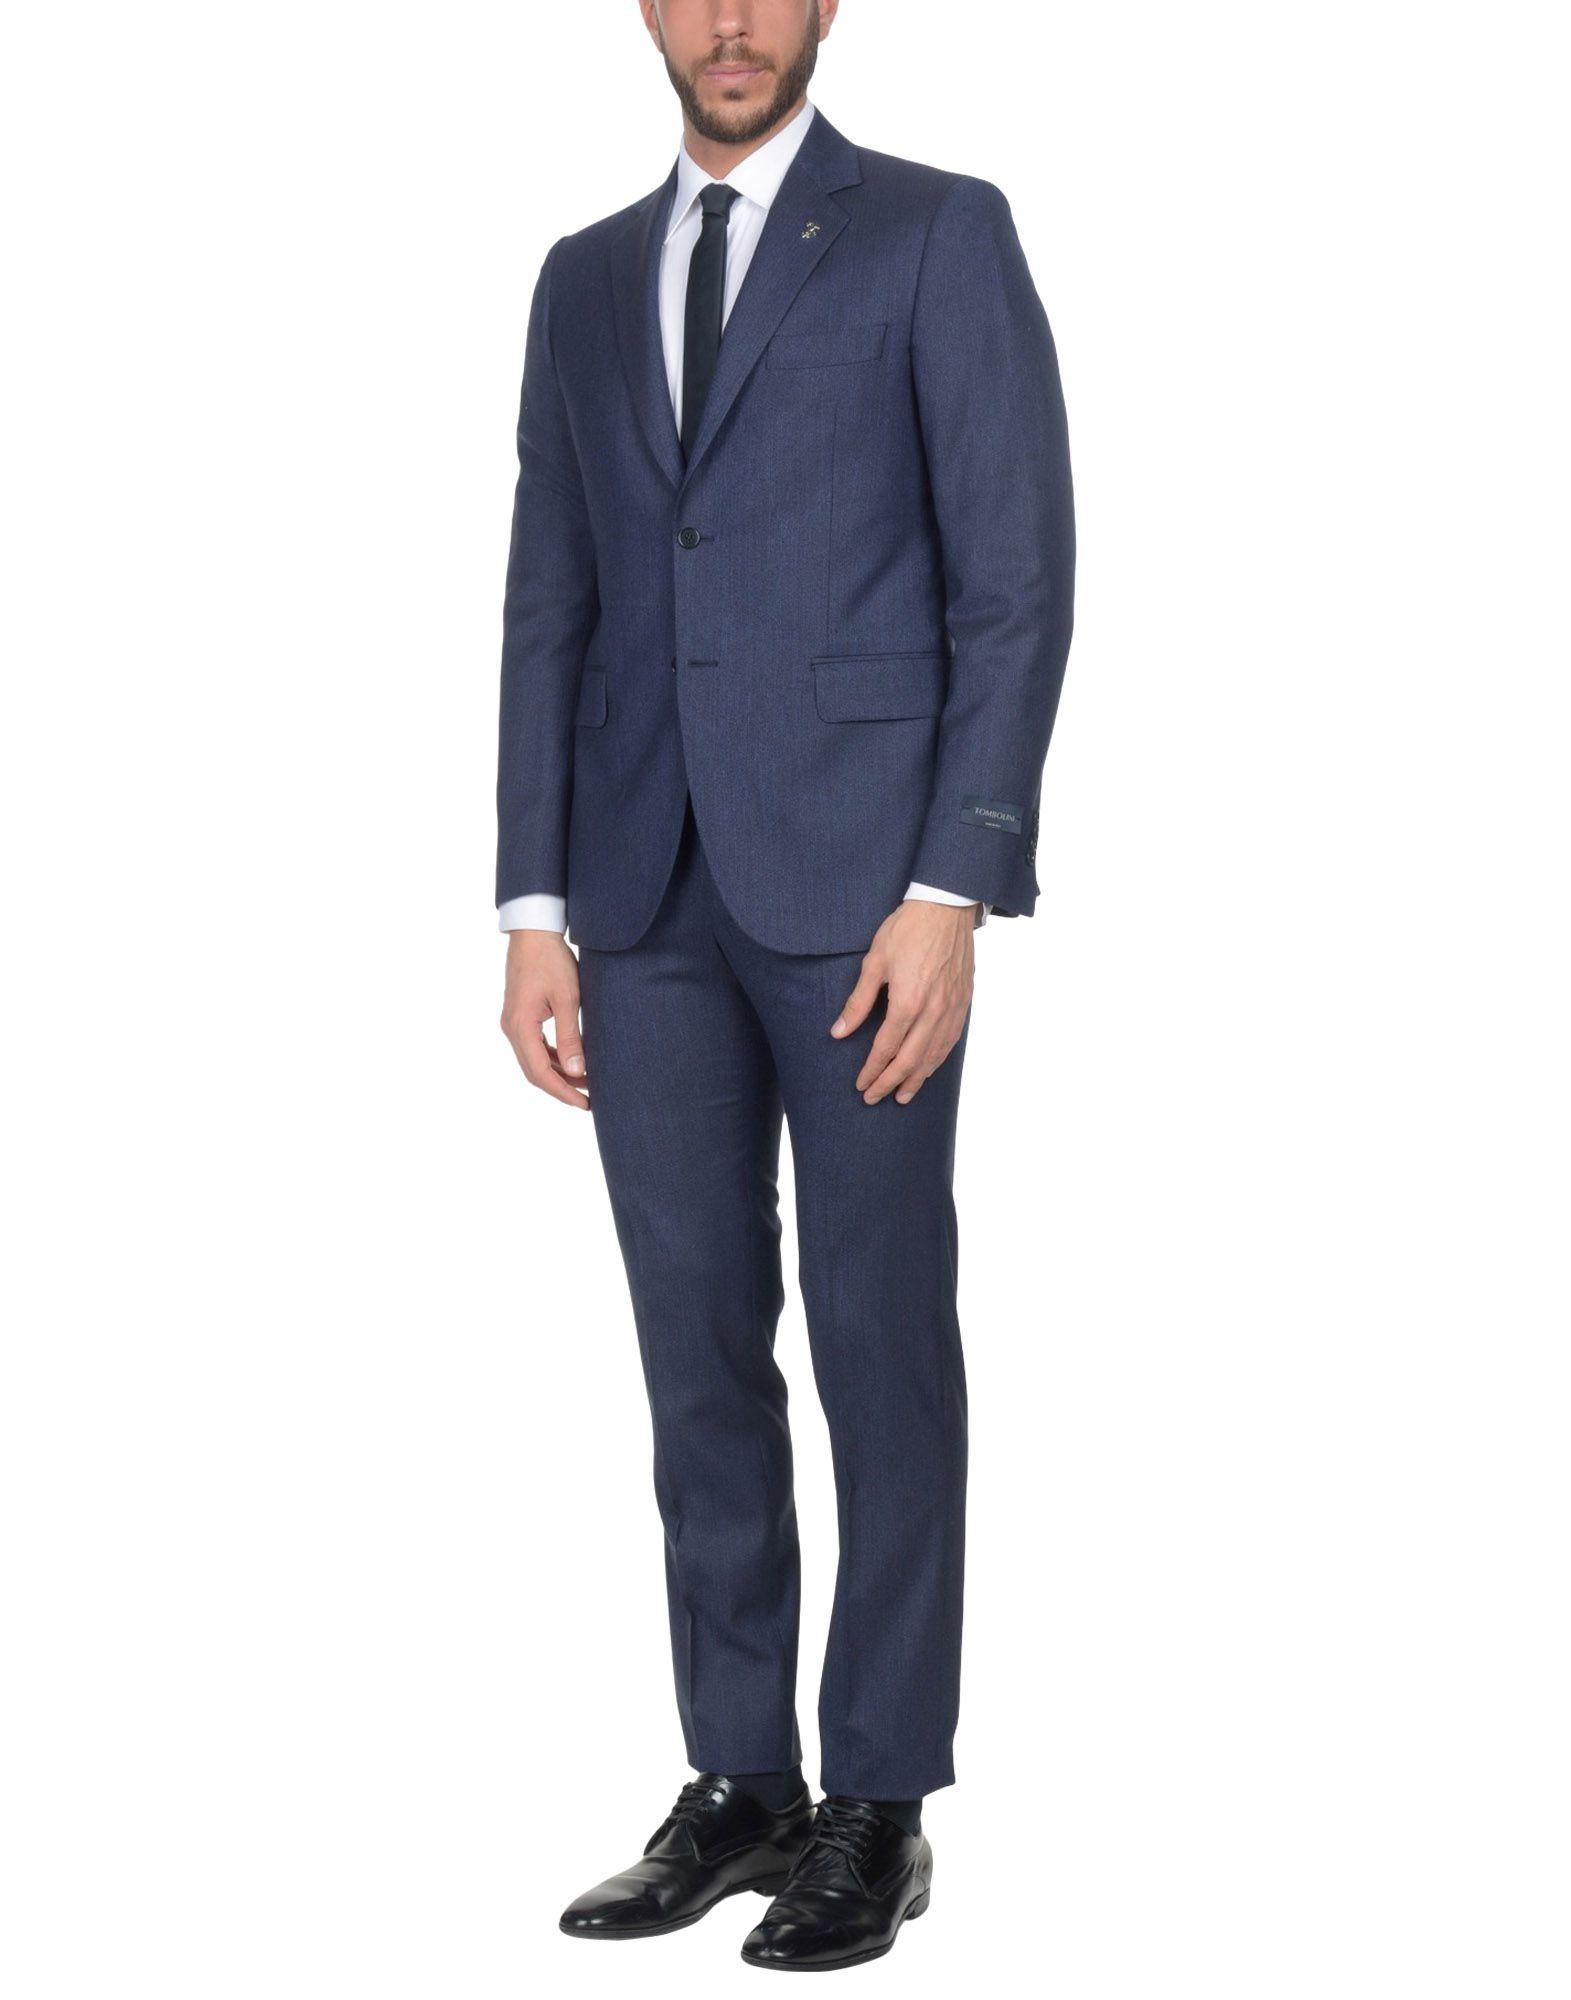 TOMBOLINI Suits in Dark Blue